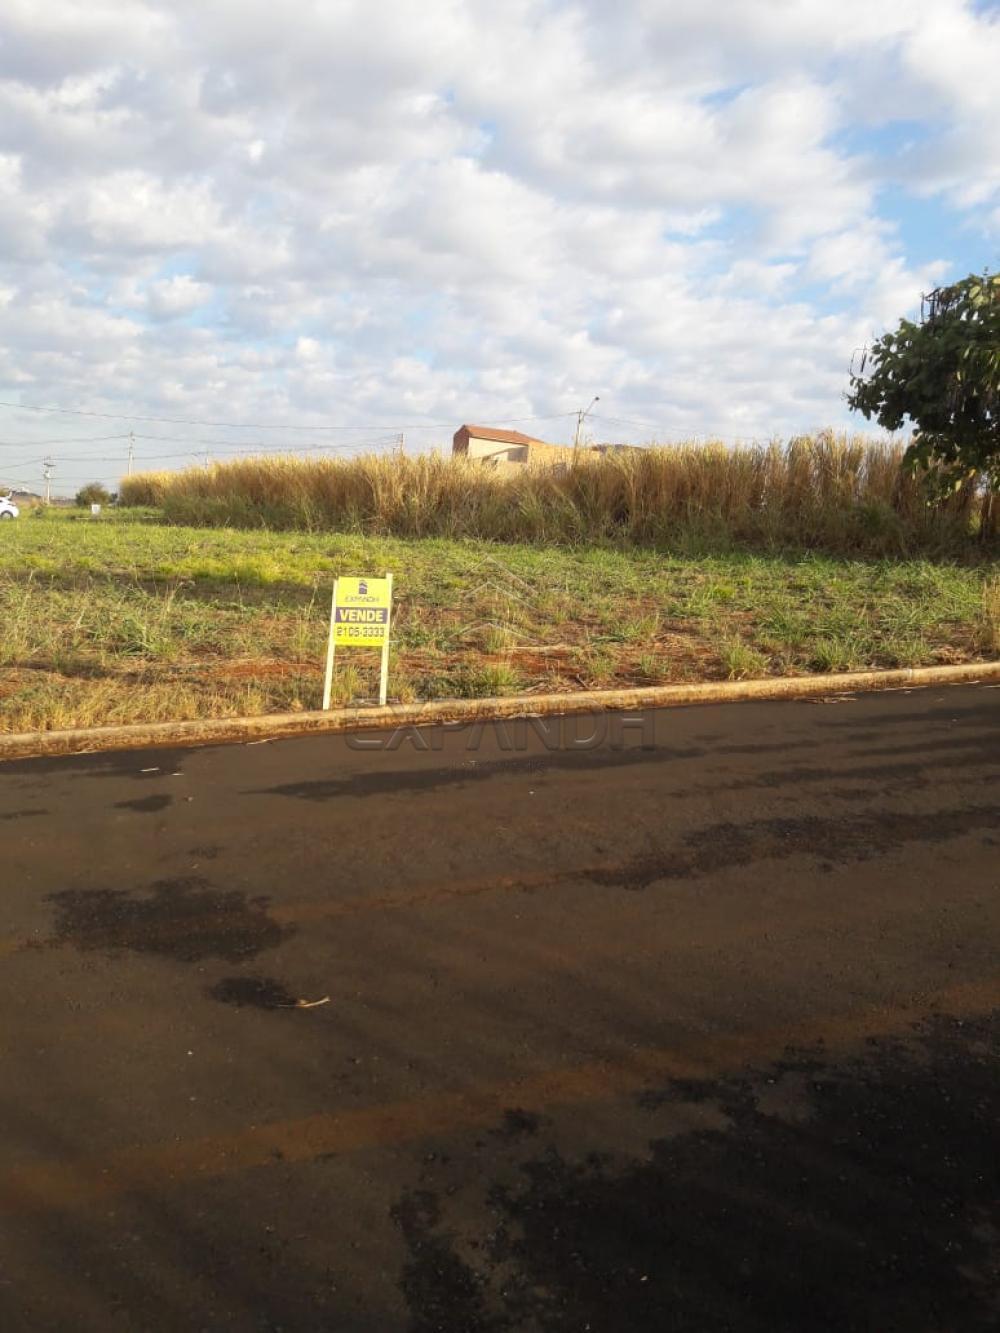 Comprar Terrenos / Padrão em Sertãozinho apenas R$ 80.000,00 - Foto 2